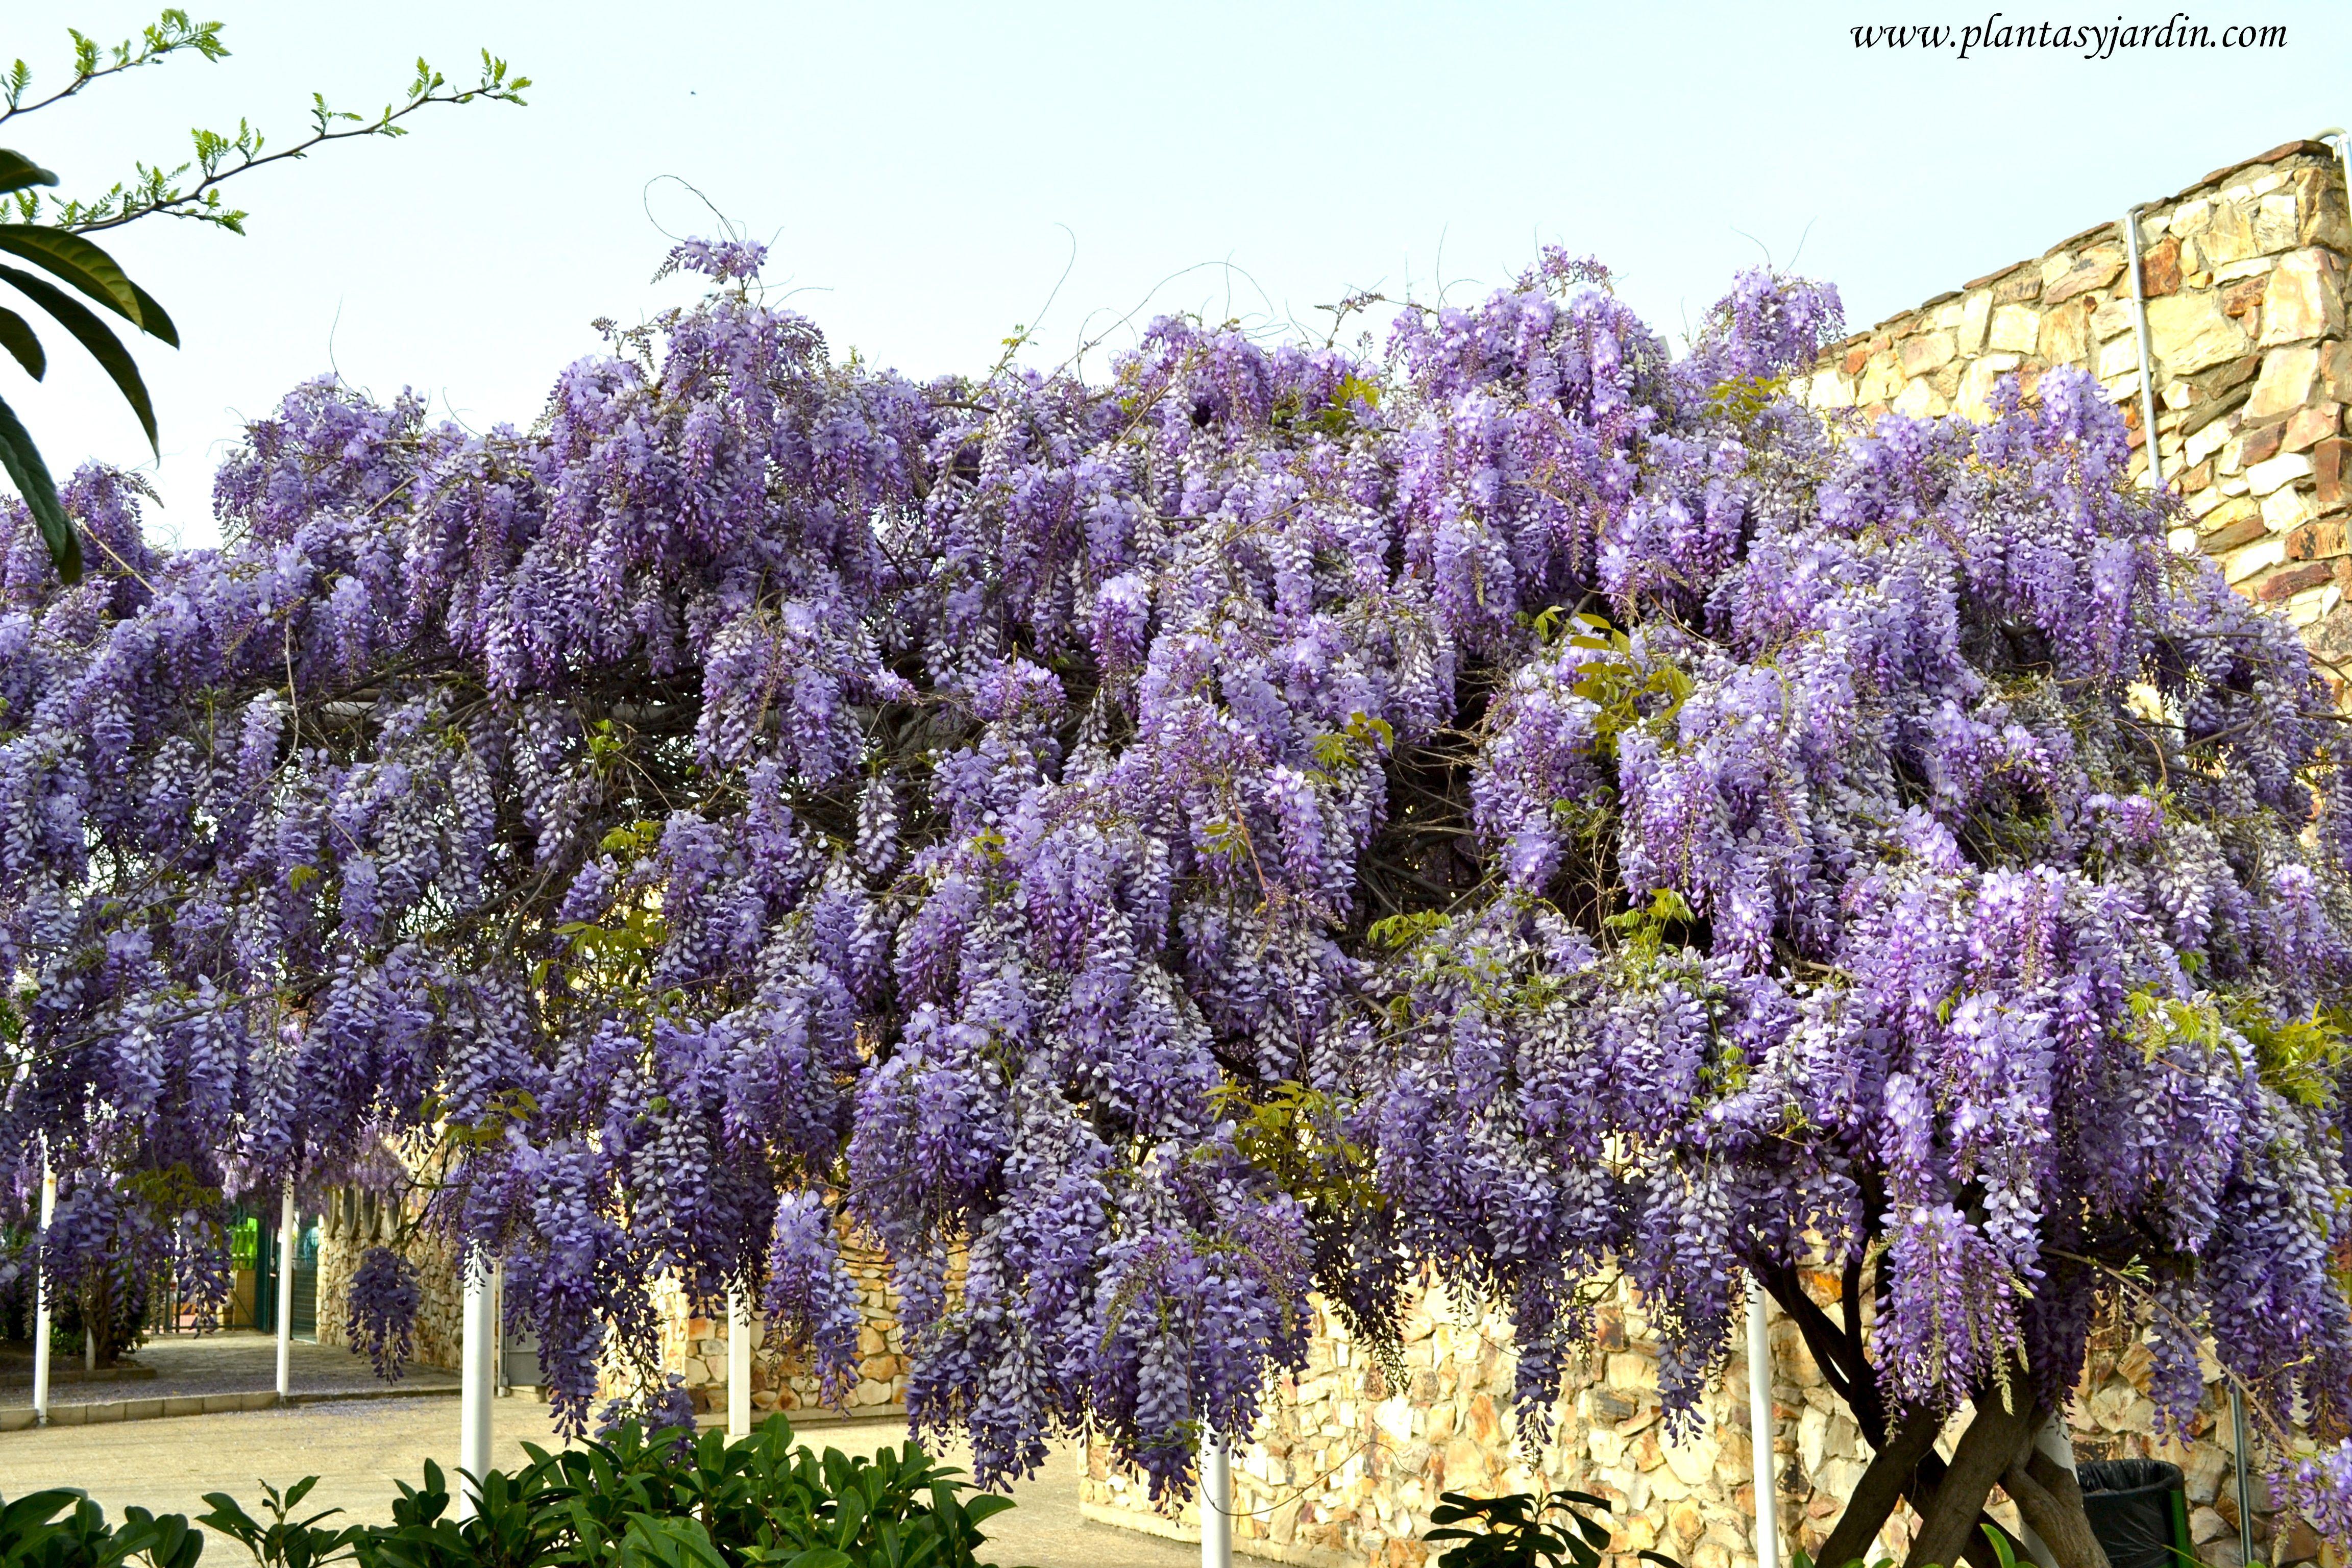 Wisteria sinensis la glicina planta con h bito de - Plantas resistentes al sol ...